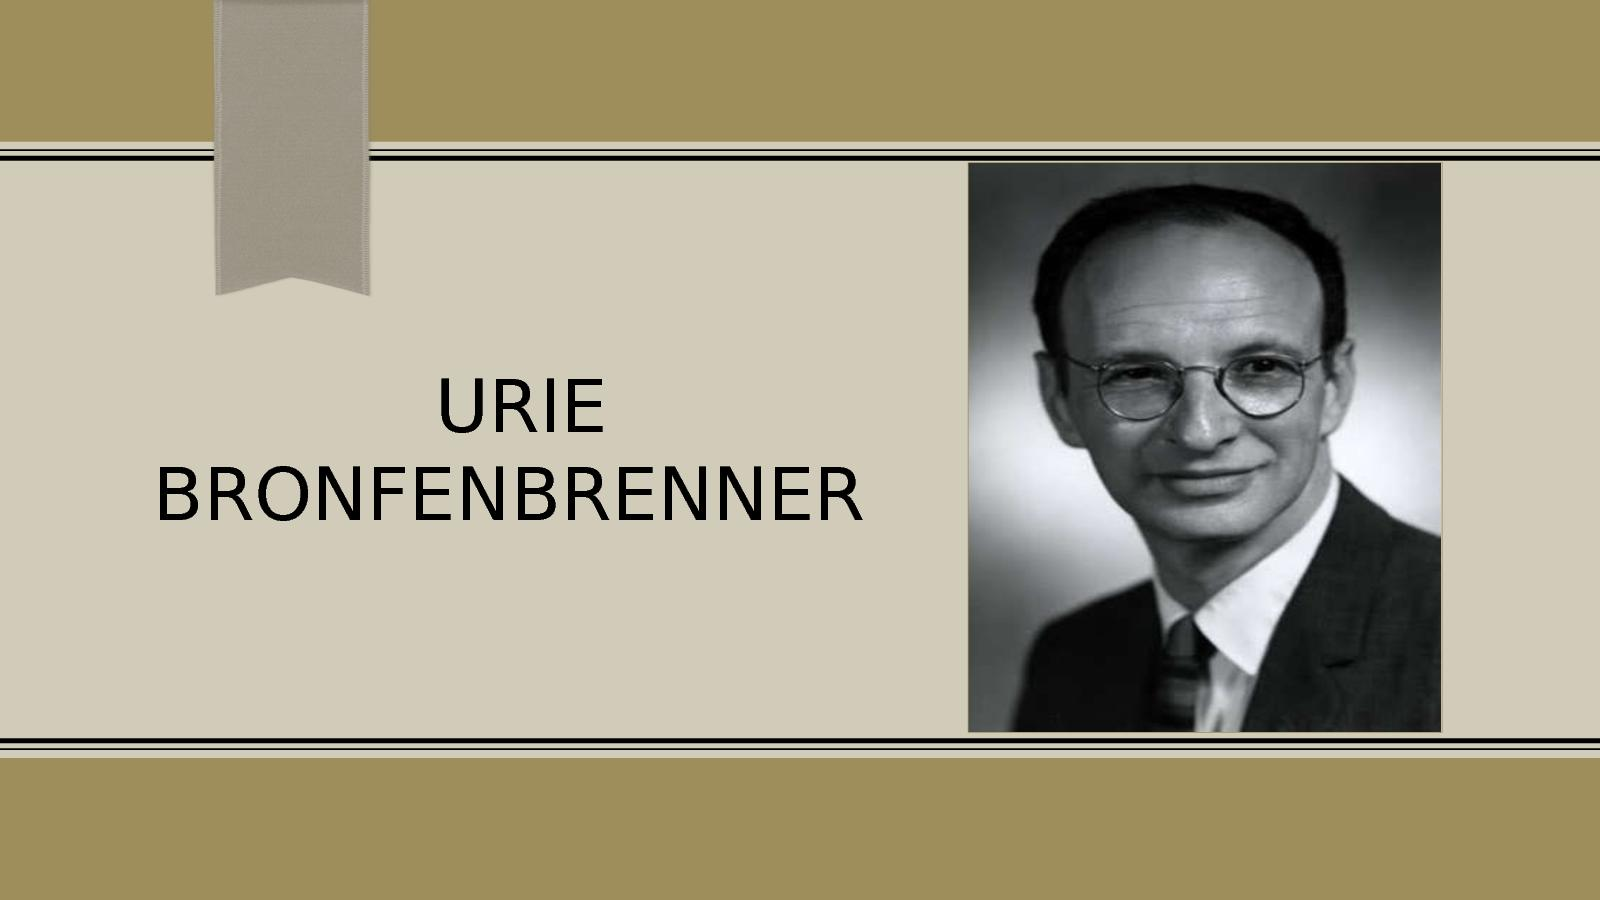 urie bronfenbrenner Urie bronfenbrenner biografía (1917-2005) urie bronfenbrenner nace un 29 de abril del año 1917 en moscú y fallece un 25 de septiembre del año 2005fue un renombrado psicólogo.